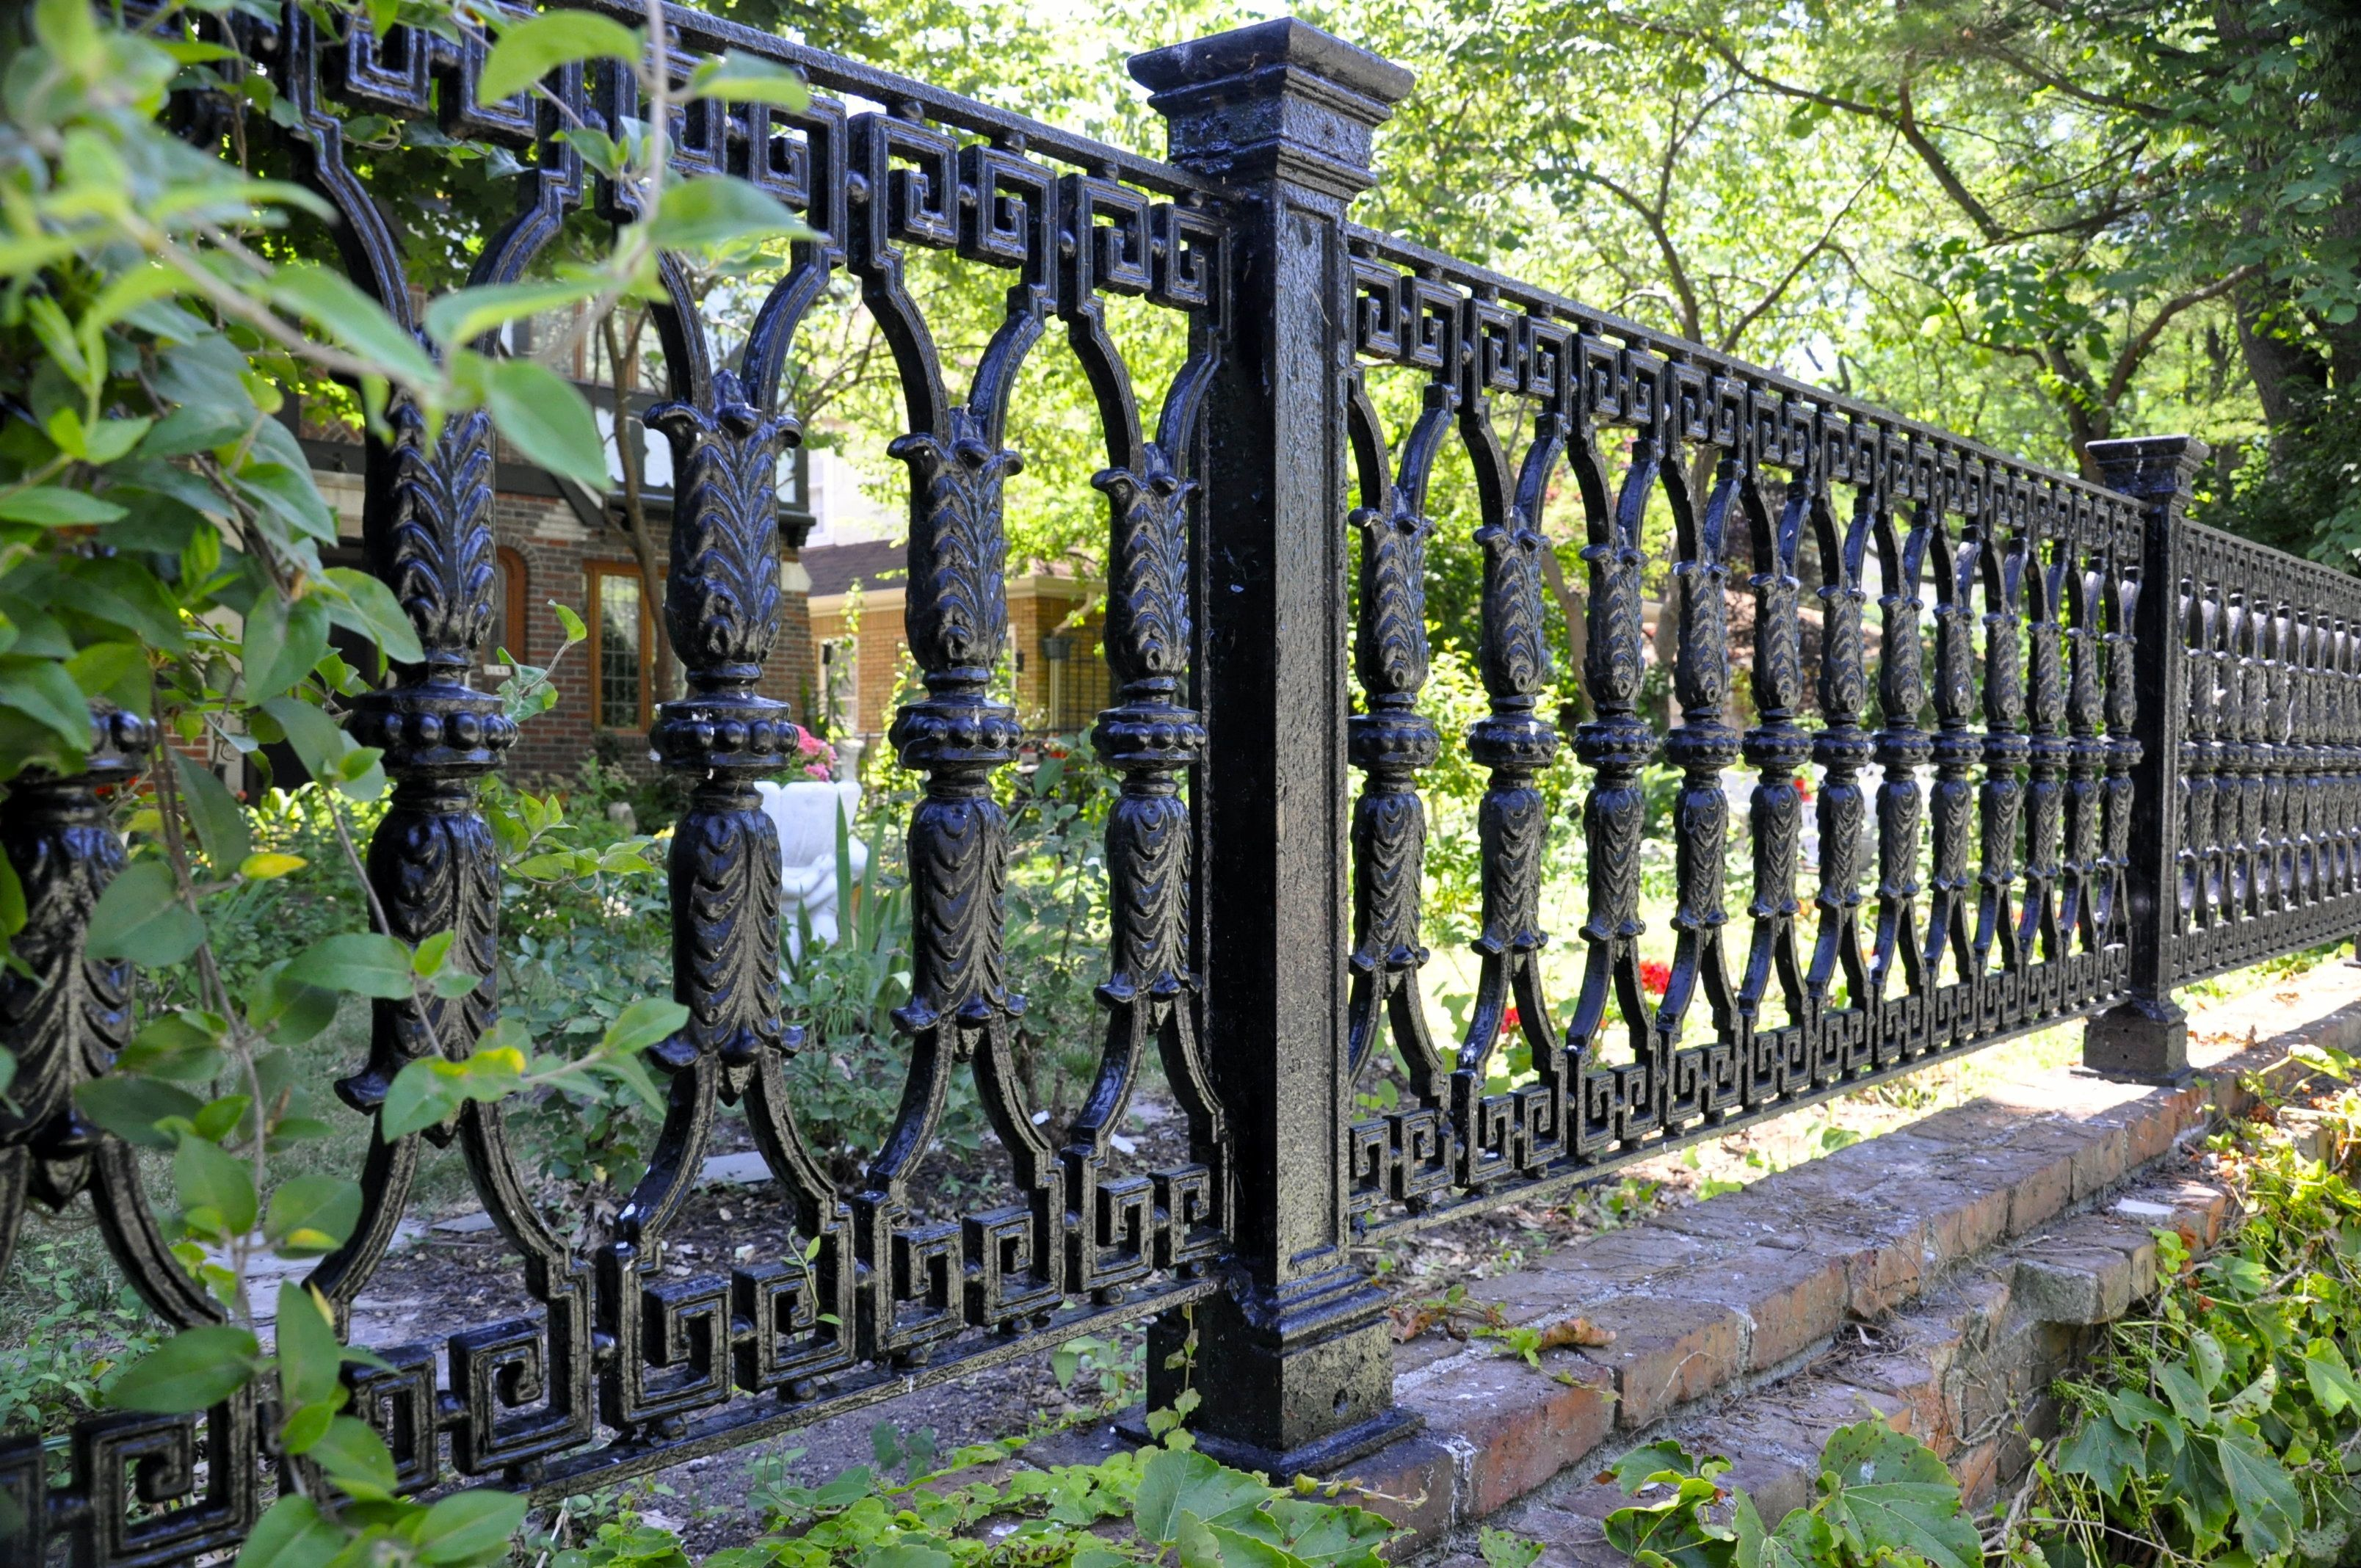 Beautiful Wrought Iron Fence Iron Fence Wrought Iron Fences